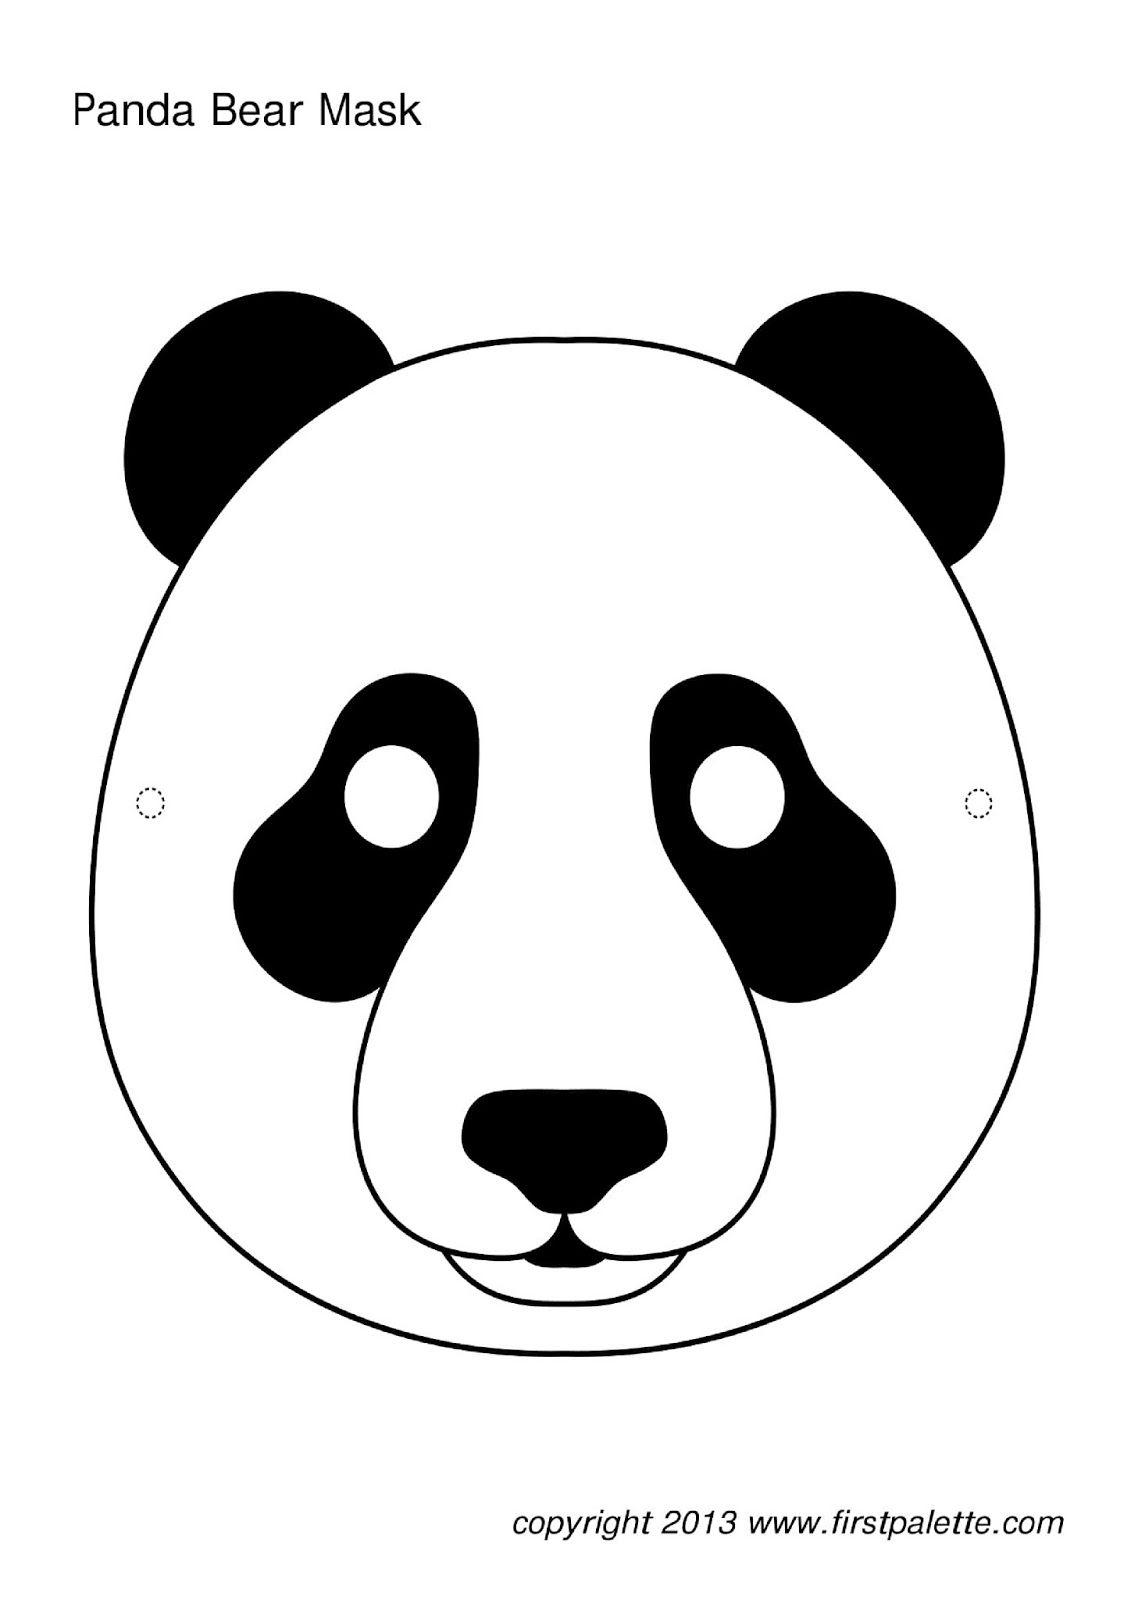 Panda Jpg 1131 1600 Pandaberen Panda Feestje Carnaval Thema